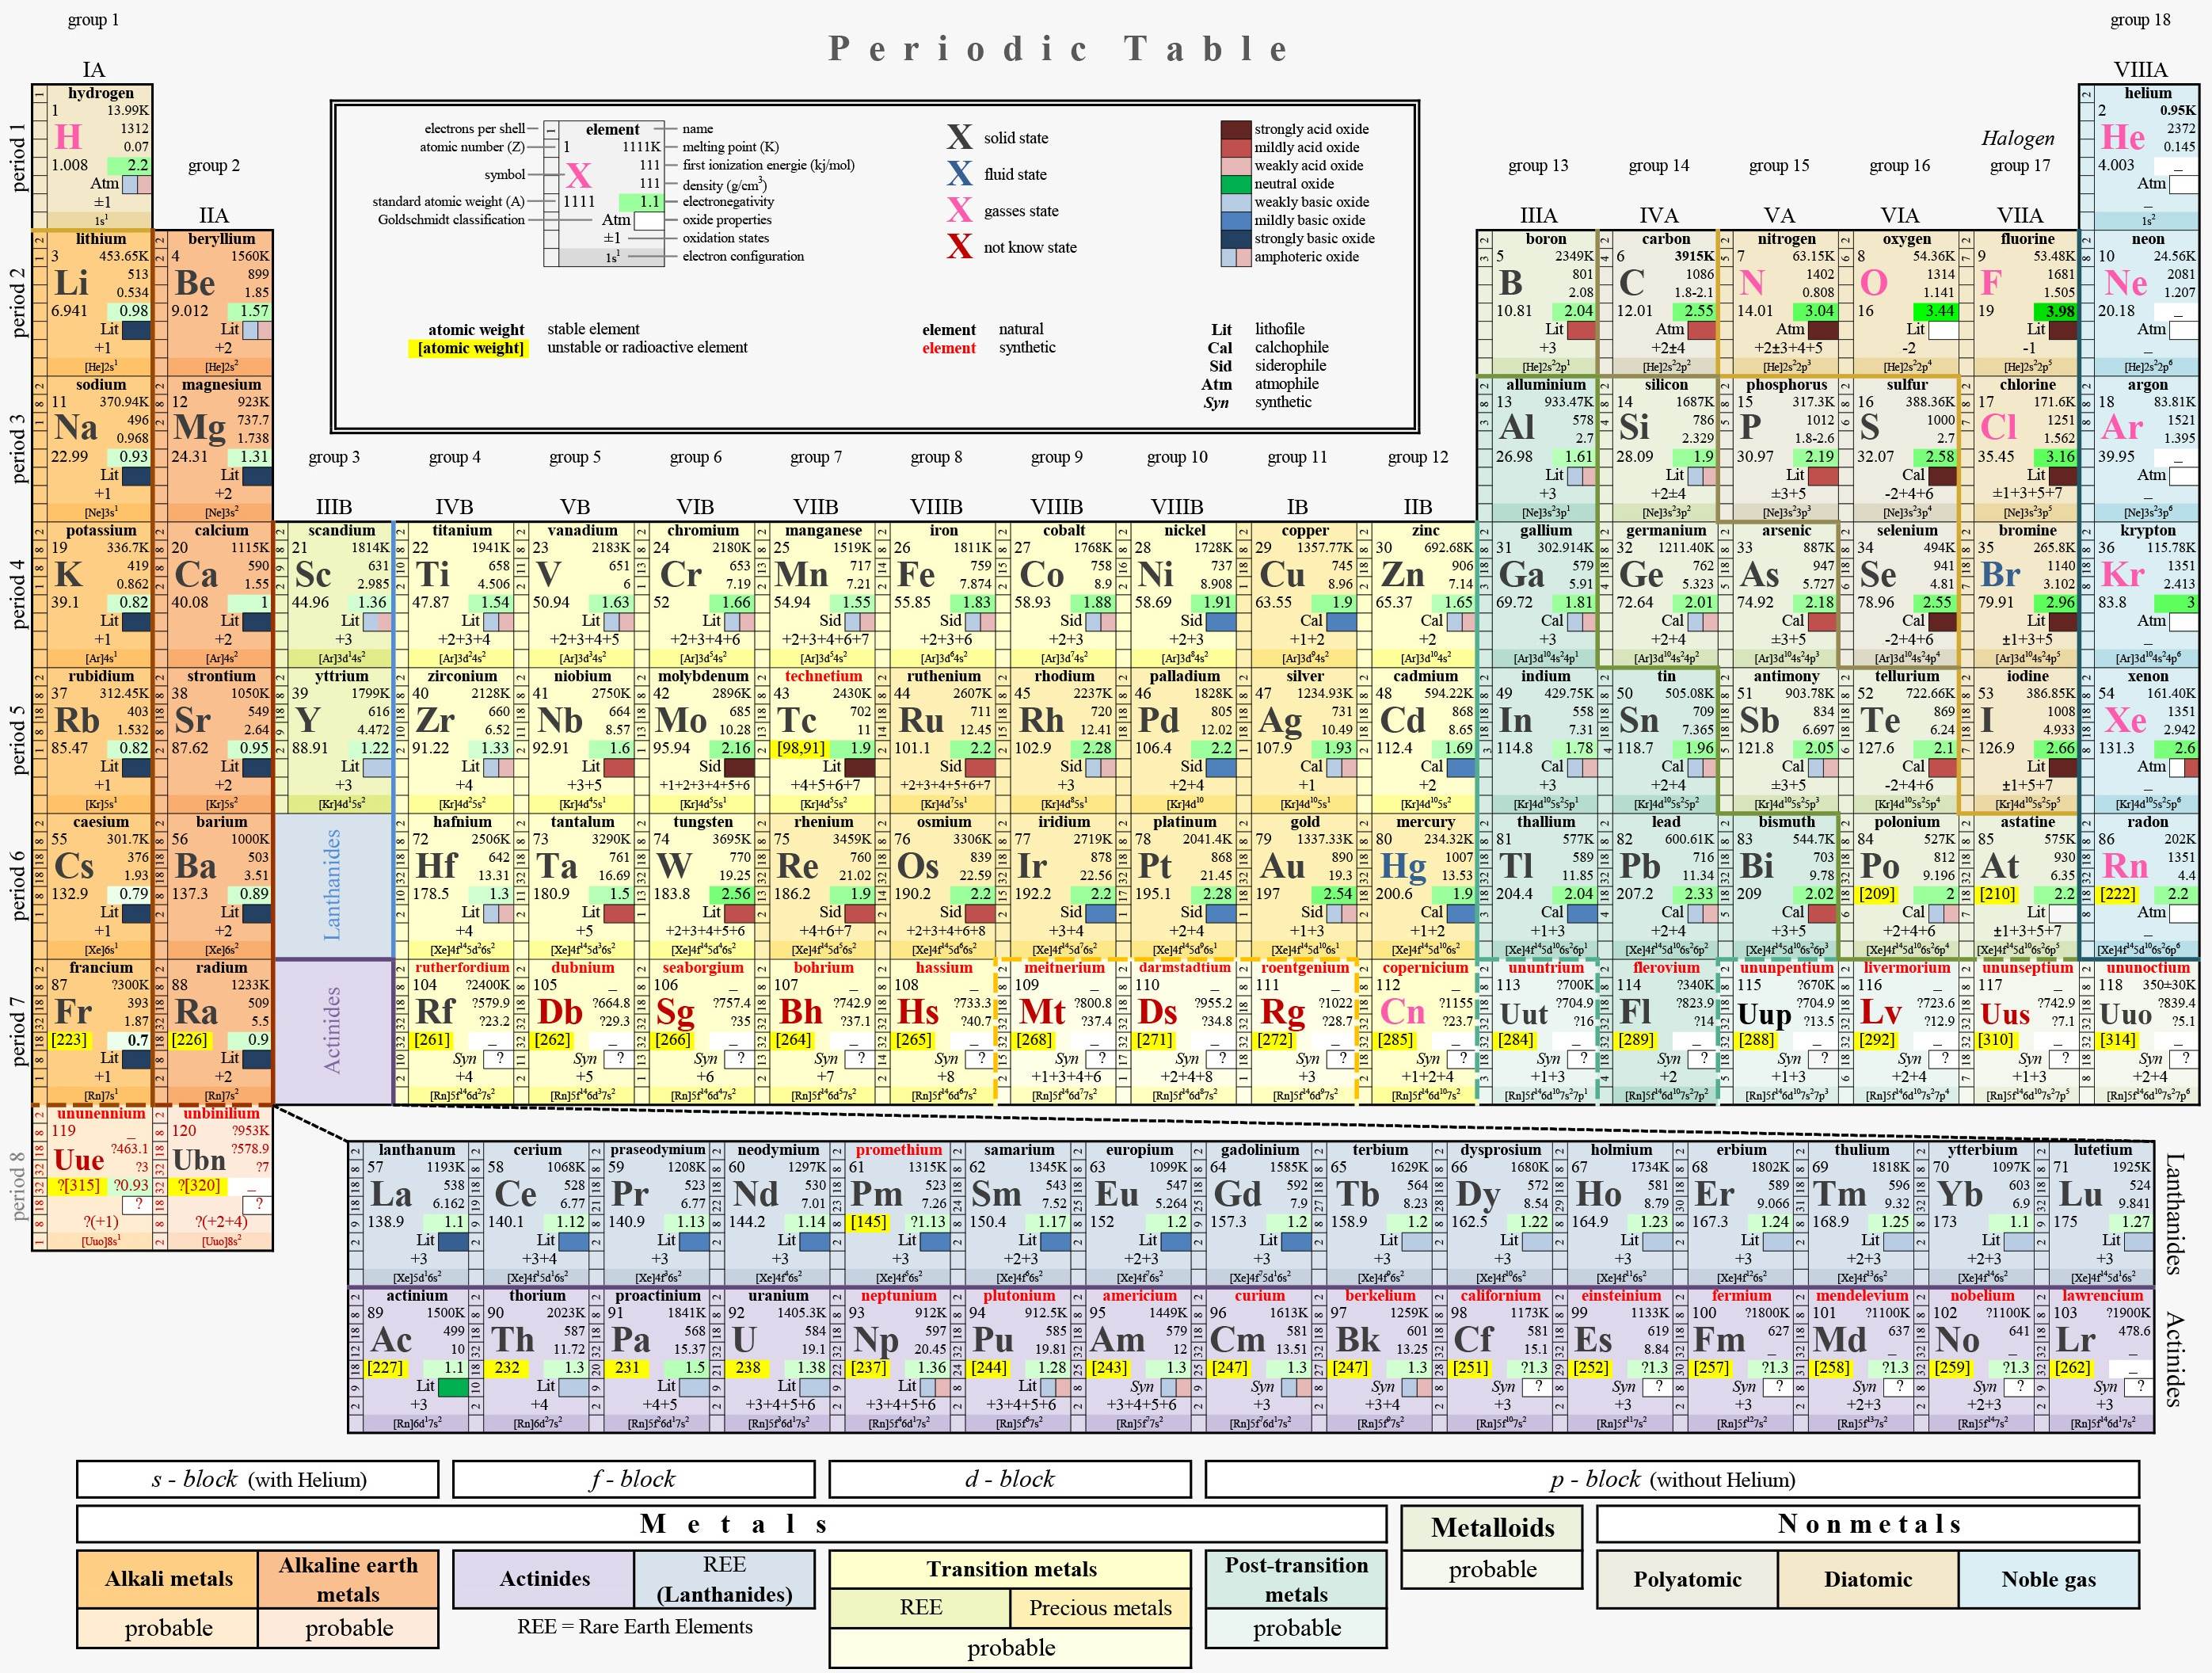 Tavola periodica degli elementi completata la settima - Tavola periodica gruppi e periodi ...